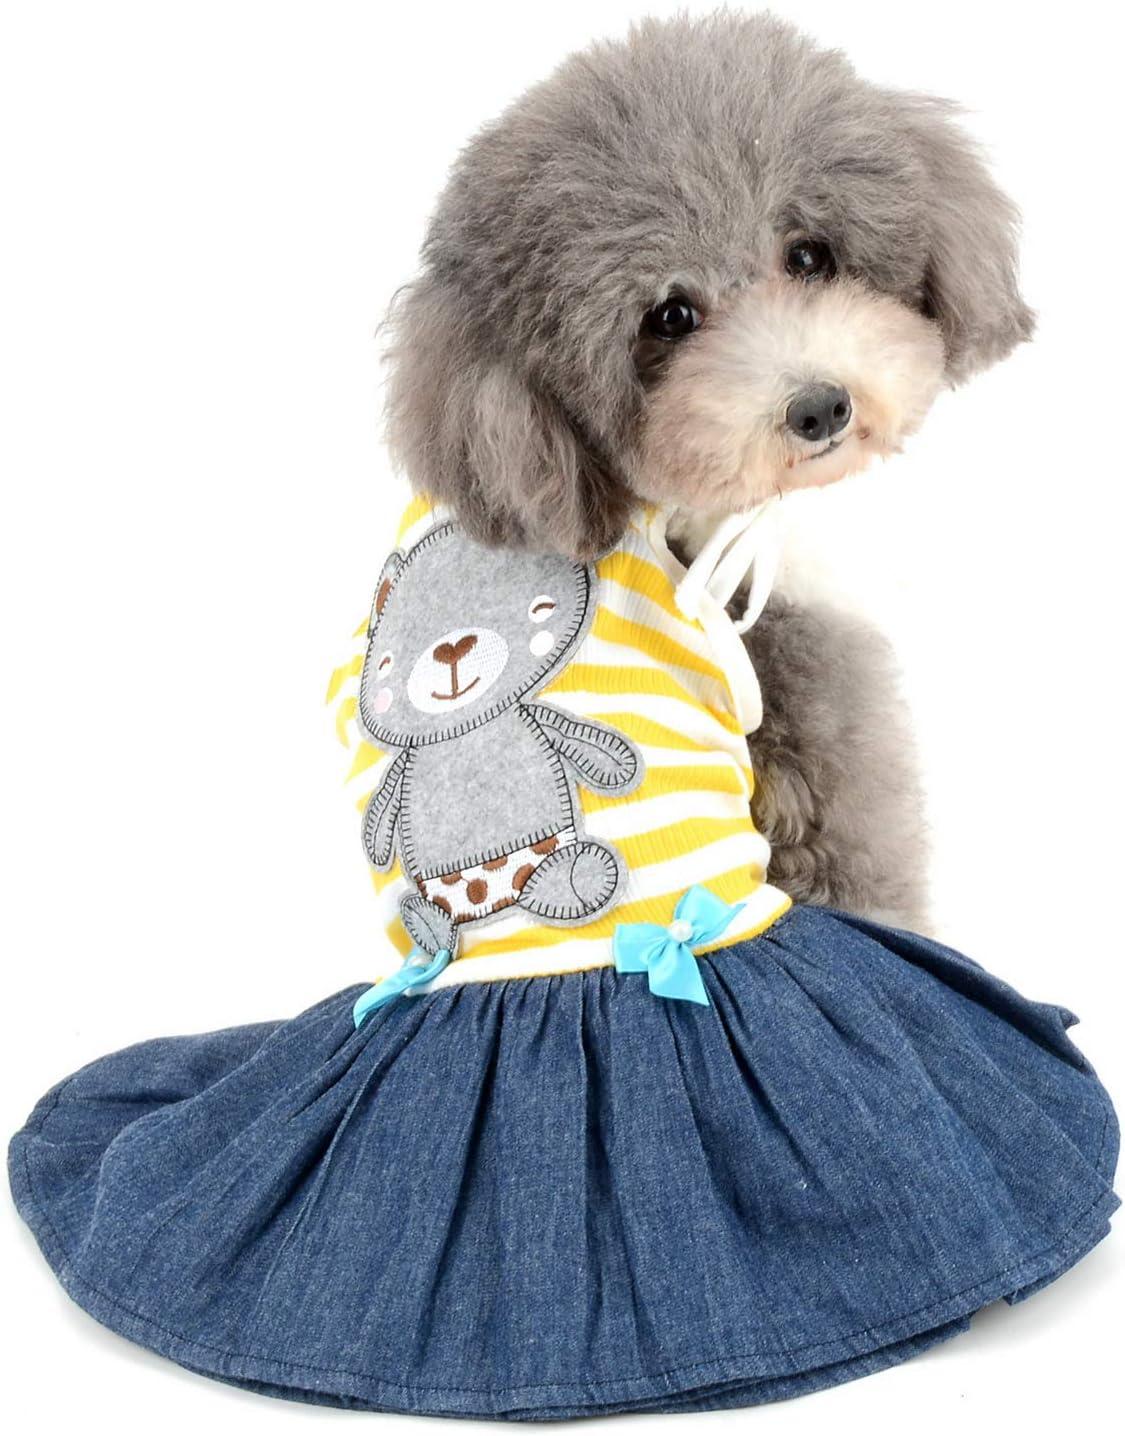 Zunea Hundeshirt f/ür kleine Hunde M/ädchen Jungen Weiche Baumwolle Sommer T-Shirts Gestreifte Welpen Kleidung Tank Top /Ärmellose Weste Hund T-Shirt Haustier Katzen Bekleidung Chihuahua Kleidung